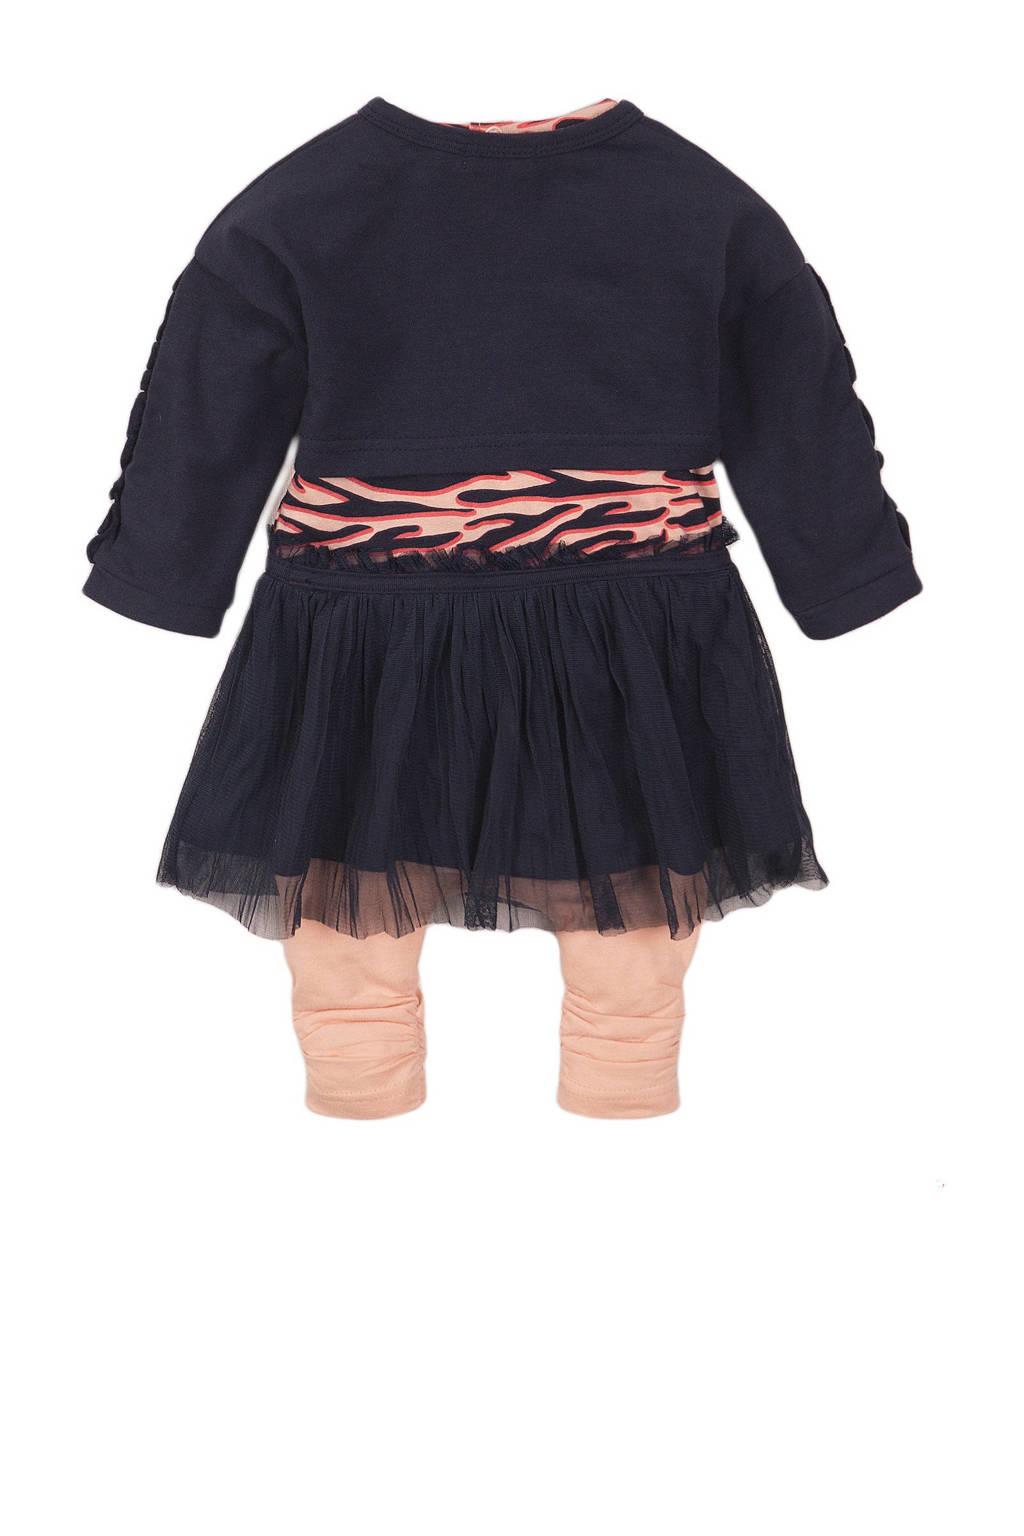 Dirkje baby jurk + legging met all over print en plooien donkerblauw/lichtoranje, Donkerblauw/lichtoranje